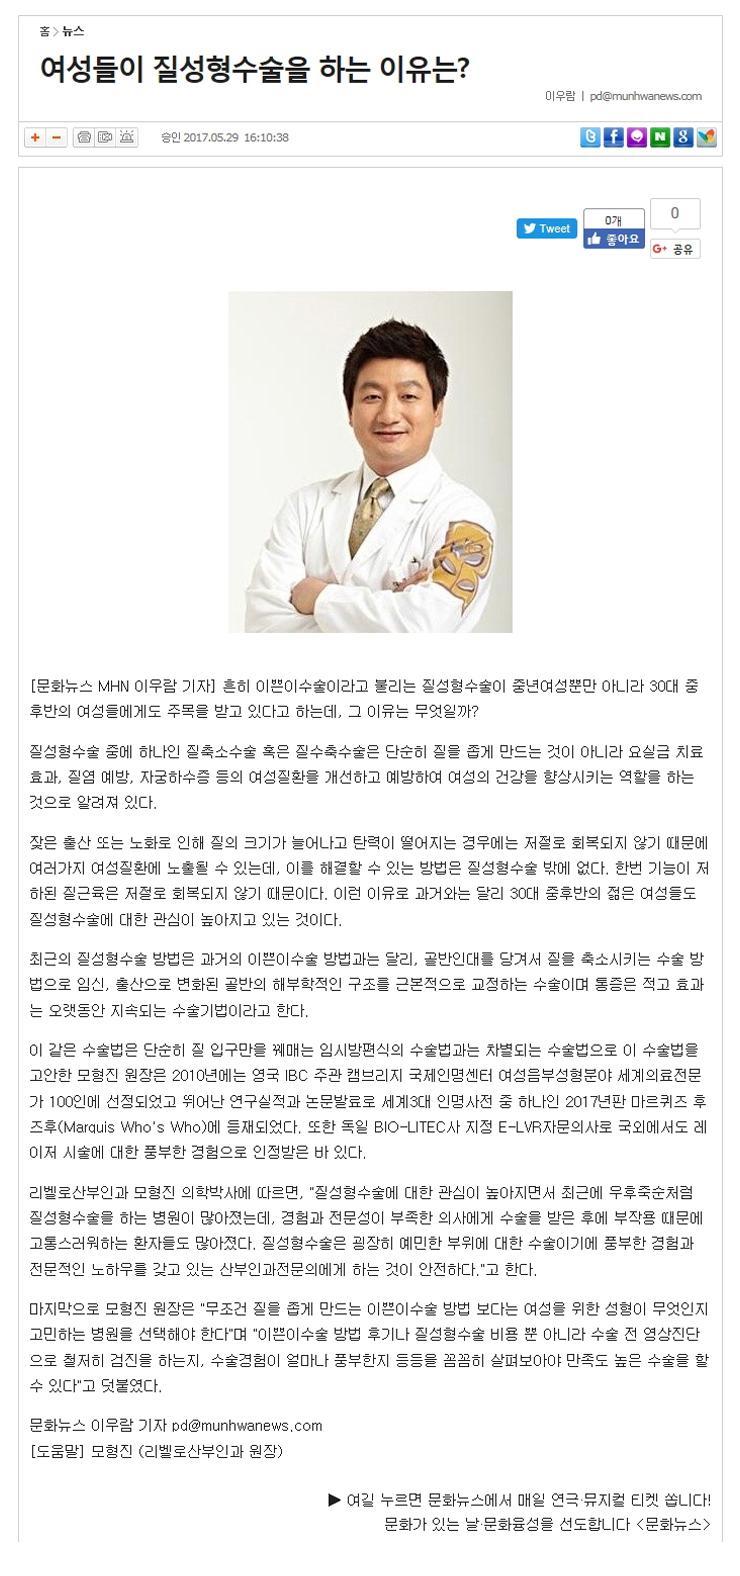 문화뉴스-20170602.jpg